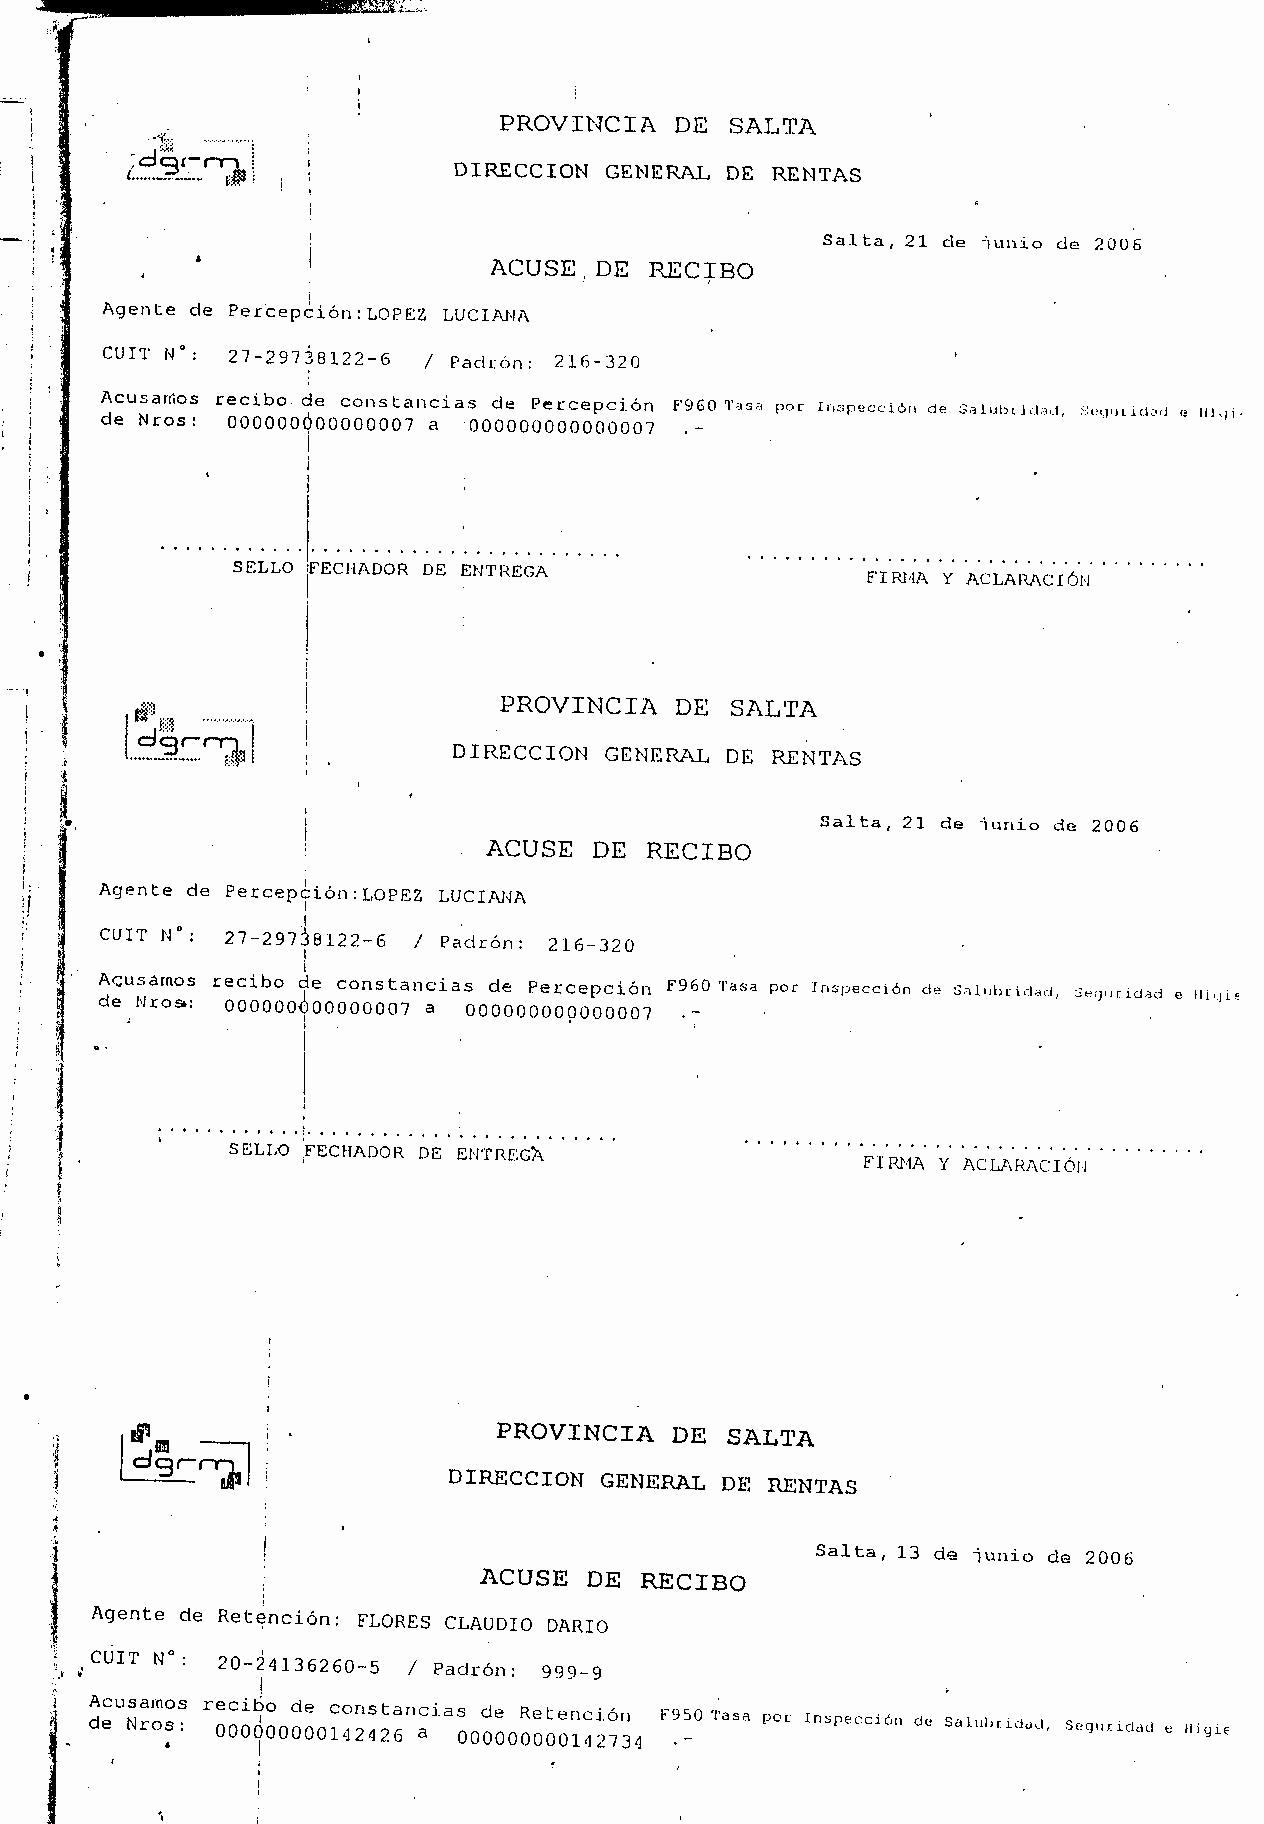 Formatos De Acuse De Recibo New formato Acuse De Recibo Ejemplo Acuse De Recibo